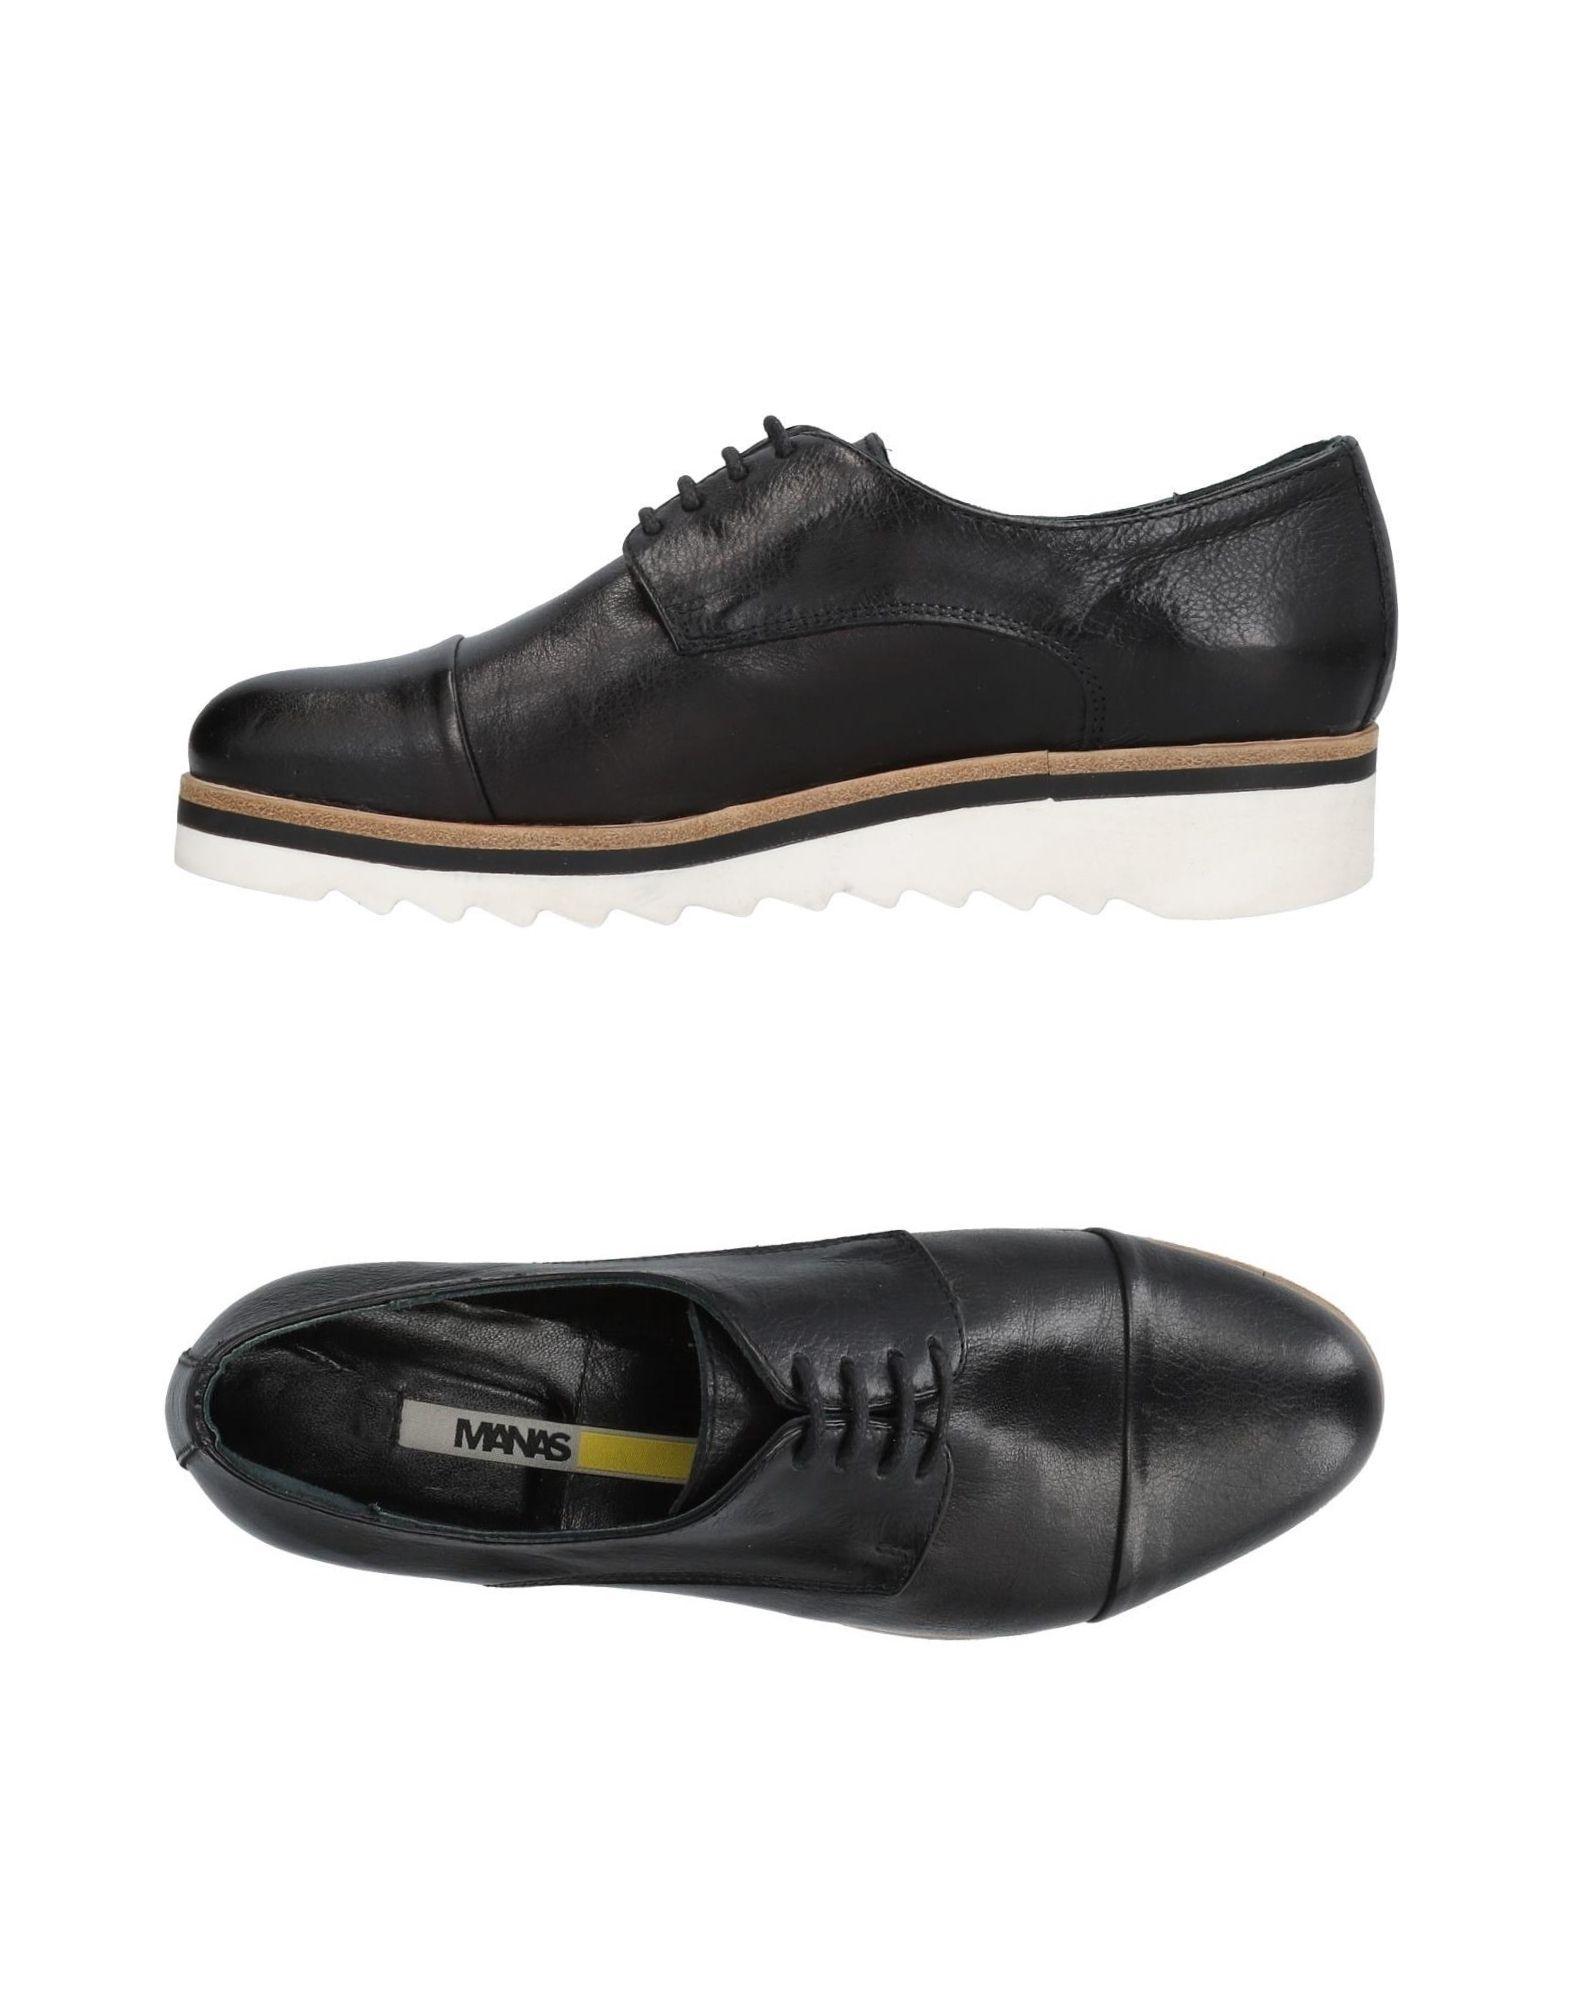 Chaussures À Lacets Manas Femme - Chaussures À Lacets Manas sur